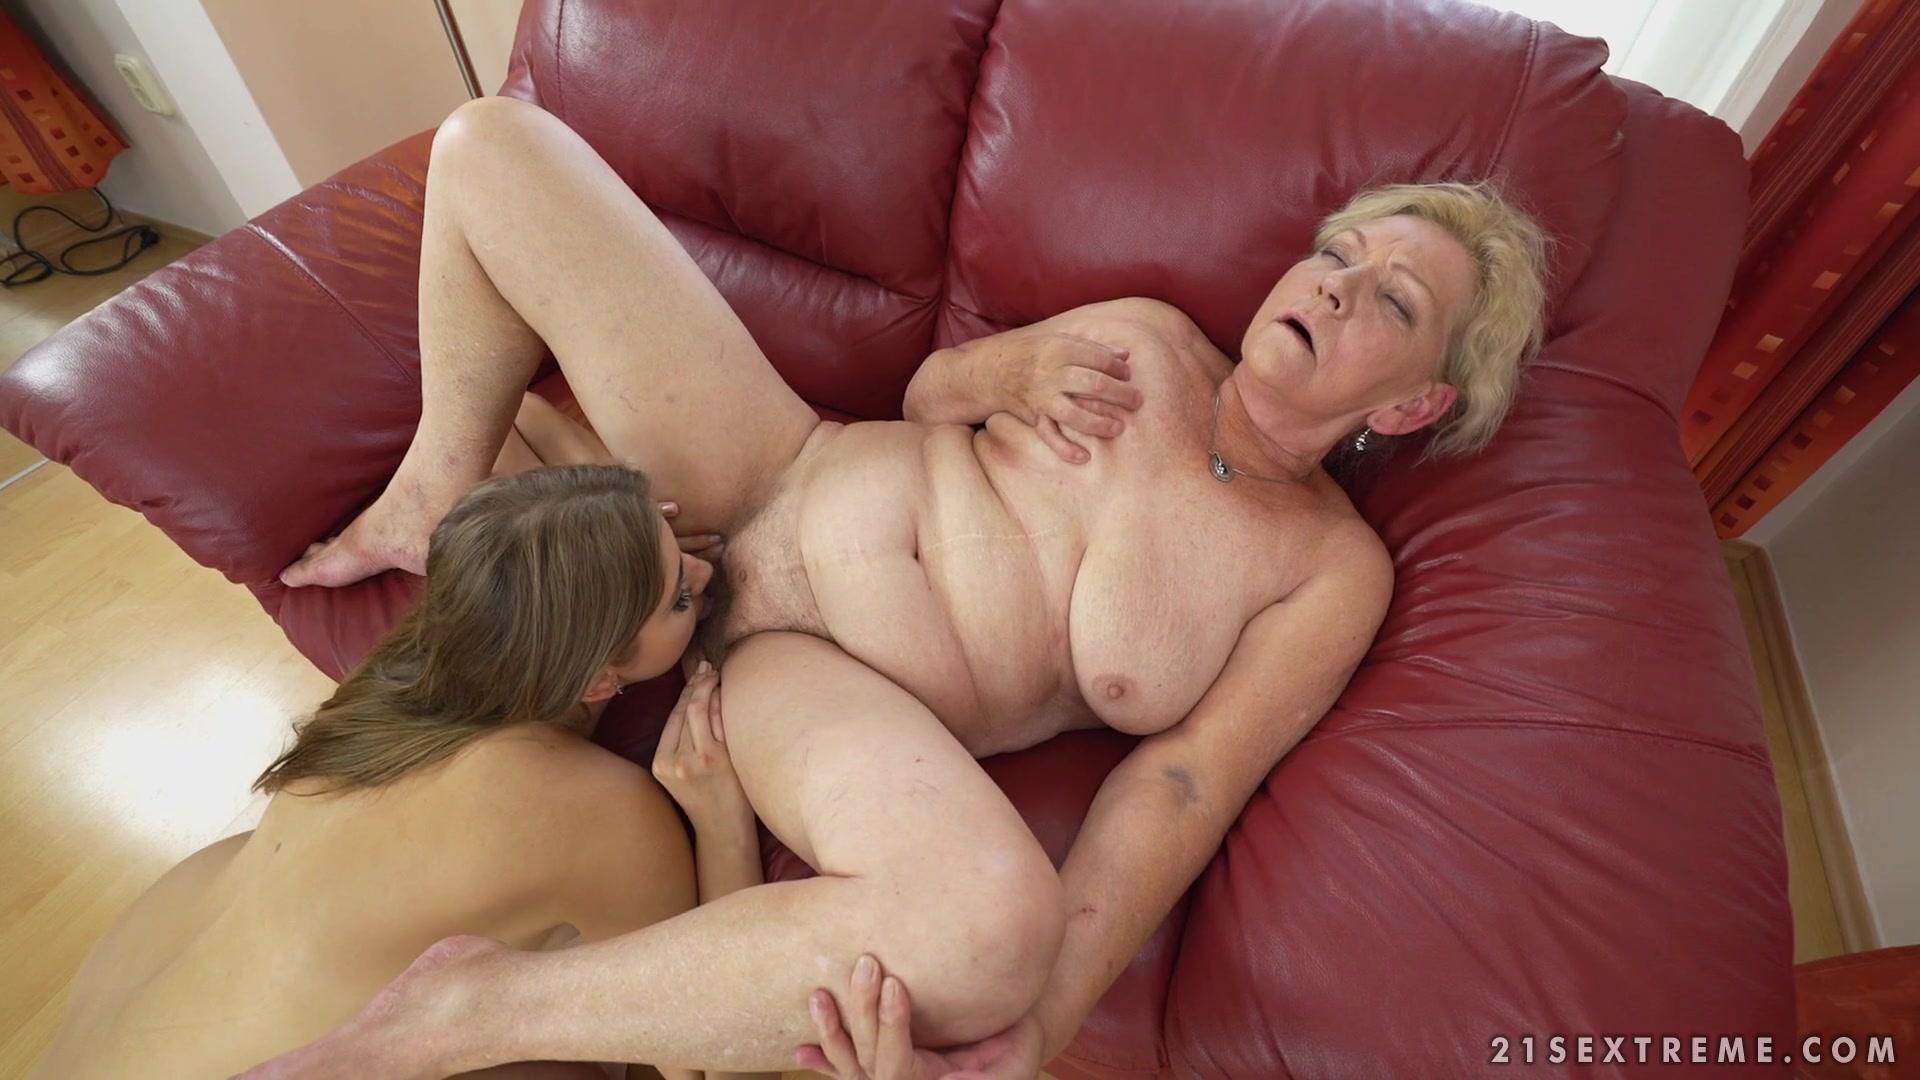 Free Lesbian Granny Porn Pics